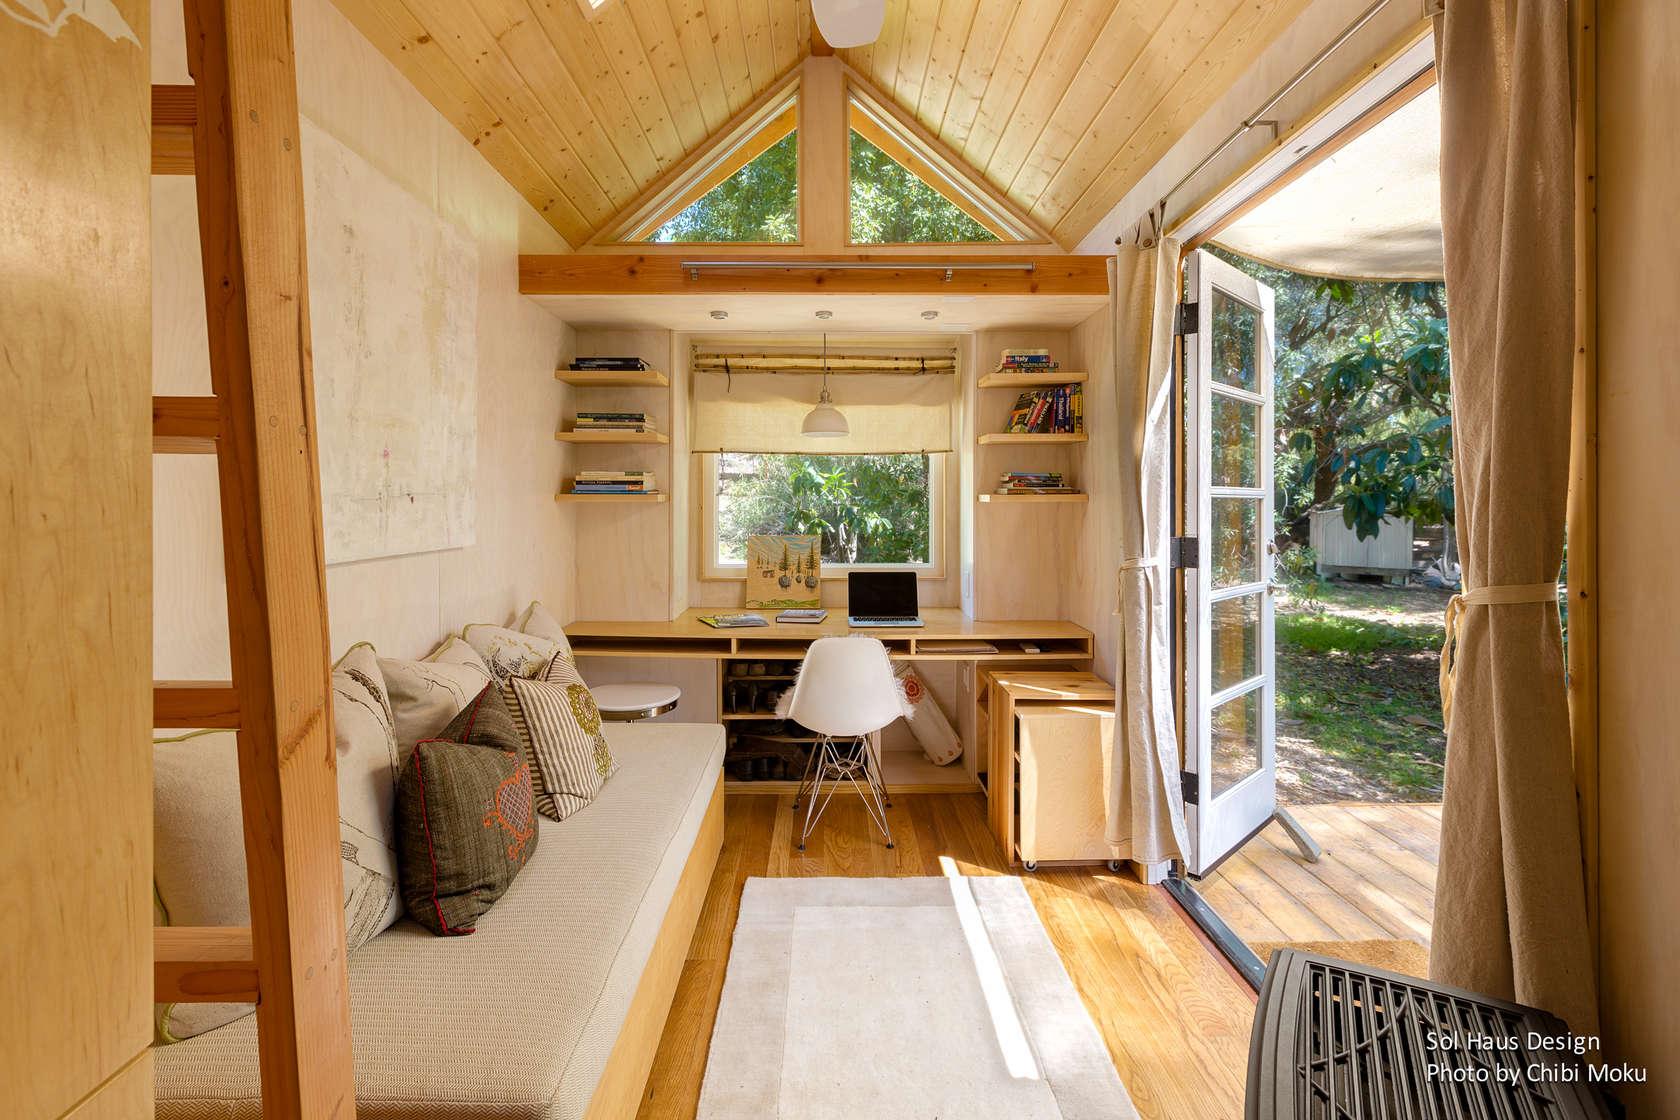 Дизайн небольшого дома снаружи и внутри